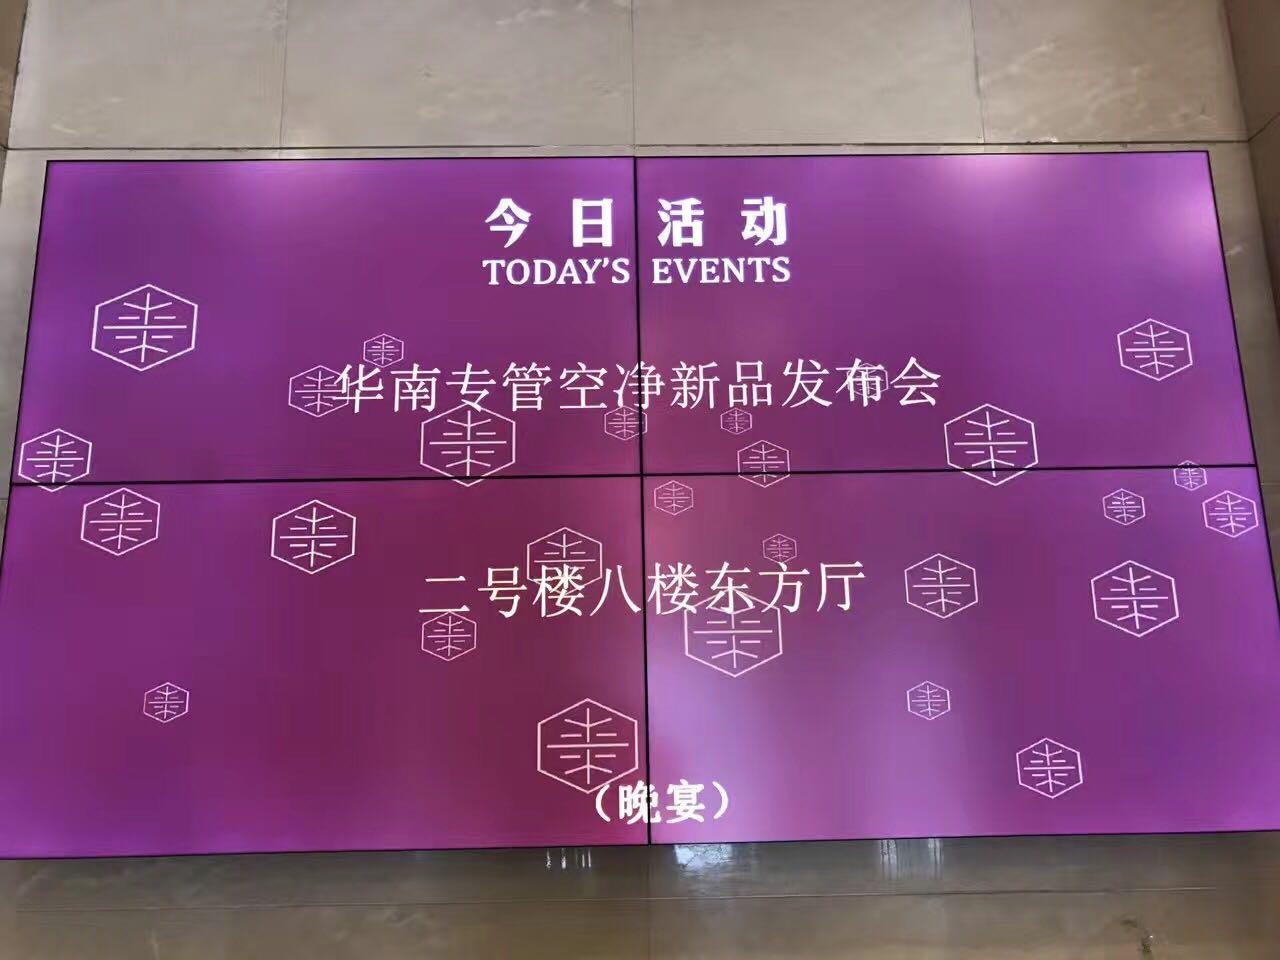 来自叶惠成发布的供应信息:体会Panasonic空净设计之美:华南... - 广东松下环境系统有限公司